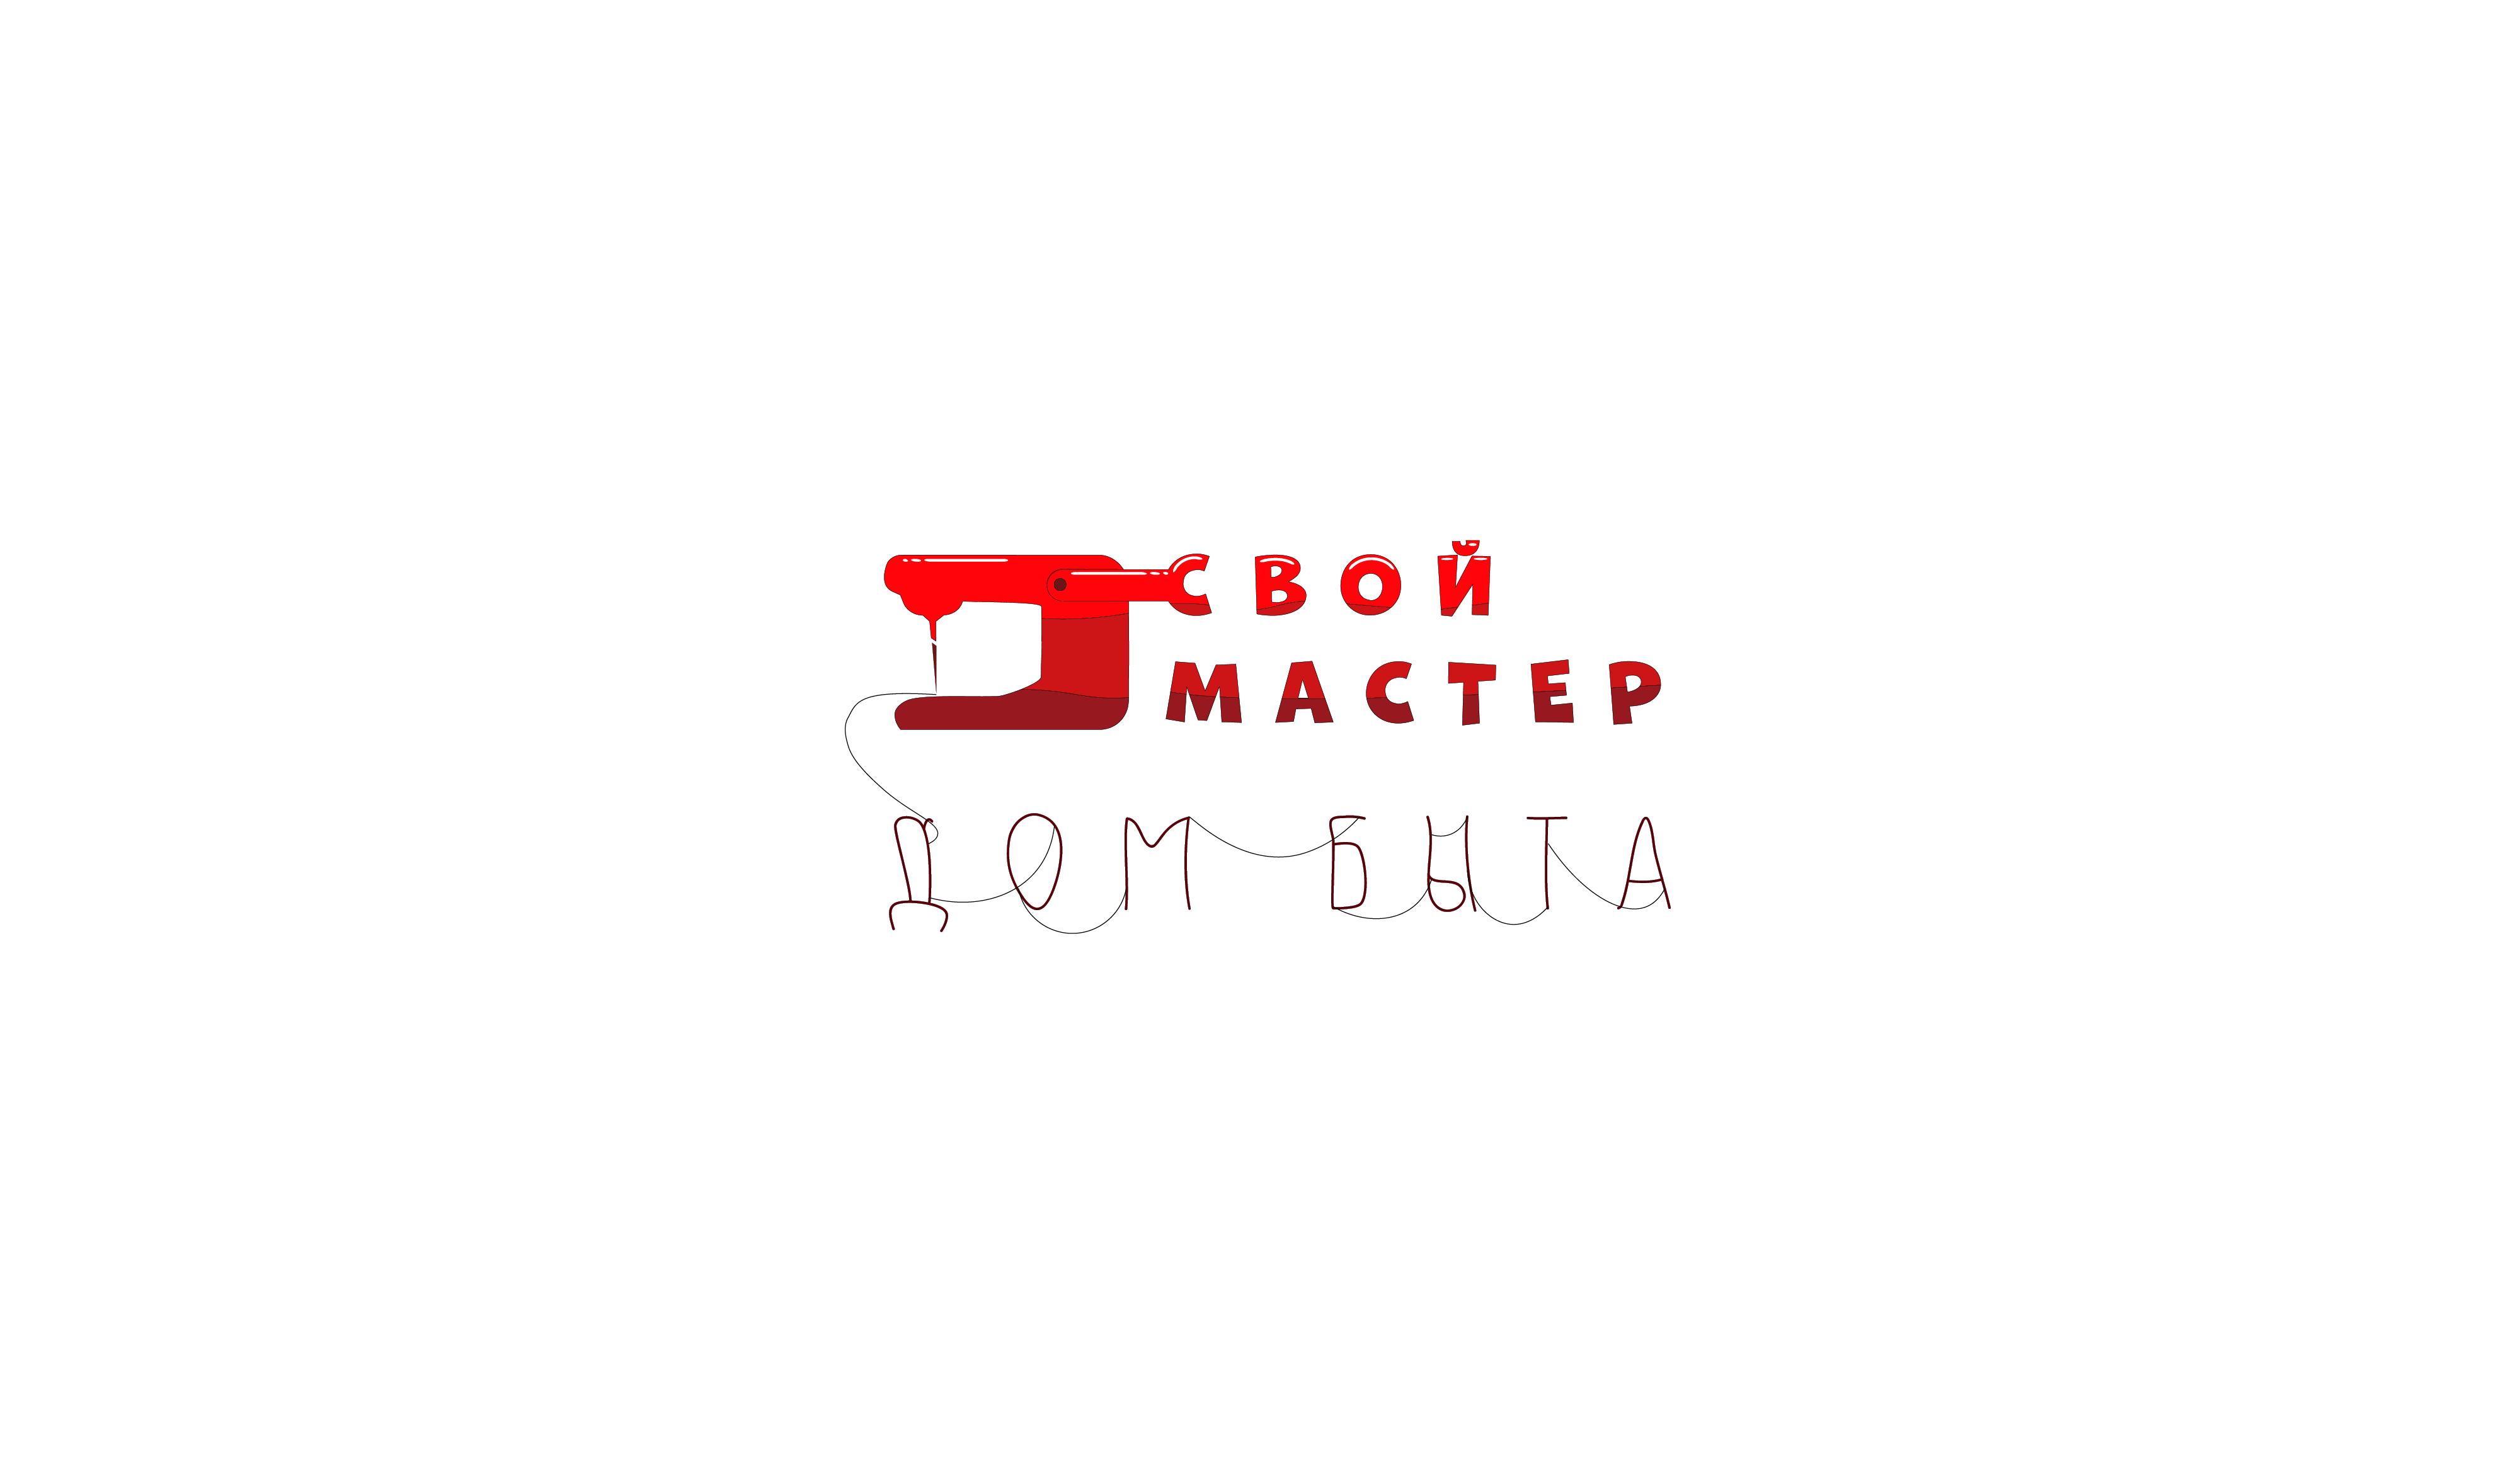 Логотип для сетевого ДОМ БЫТА фото f_1105d7944043dfaa.png